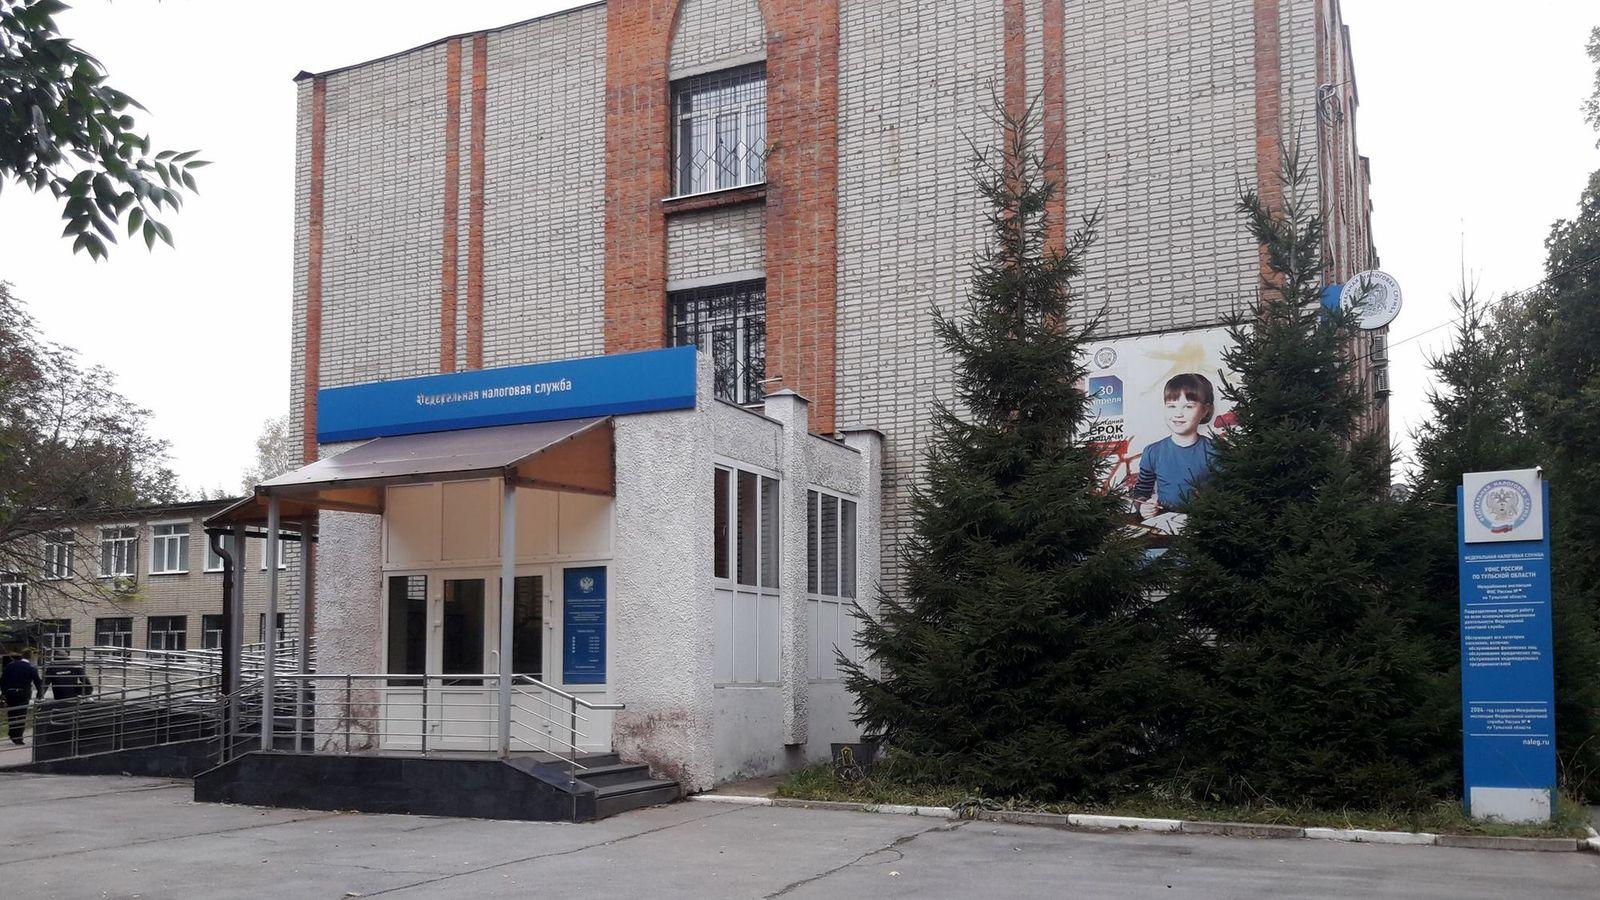 Центр бухгалтерского обслуживания новомосковск центральная бухгалтерия 2 петрозаводск